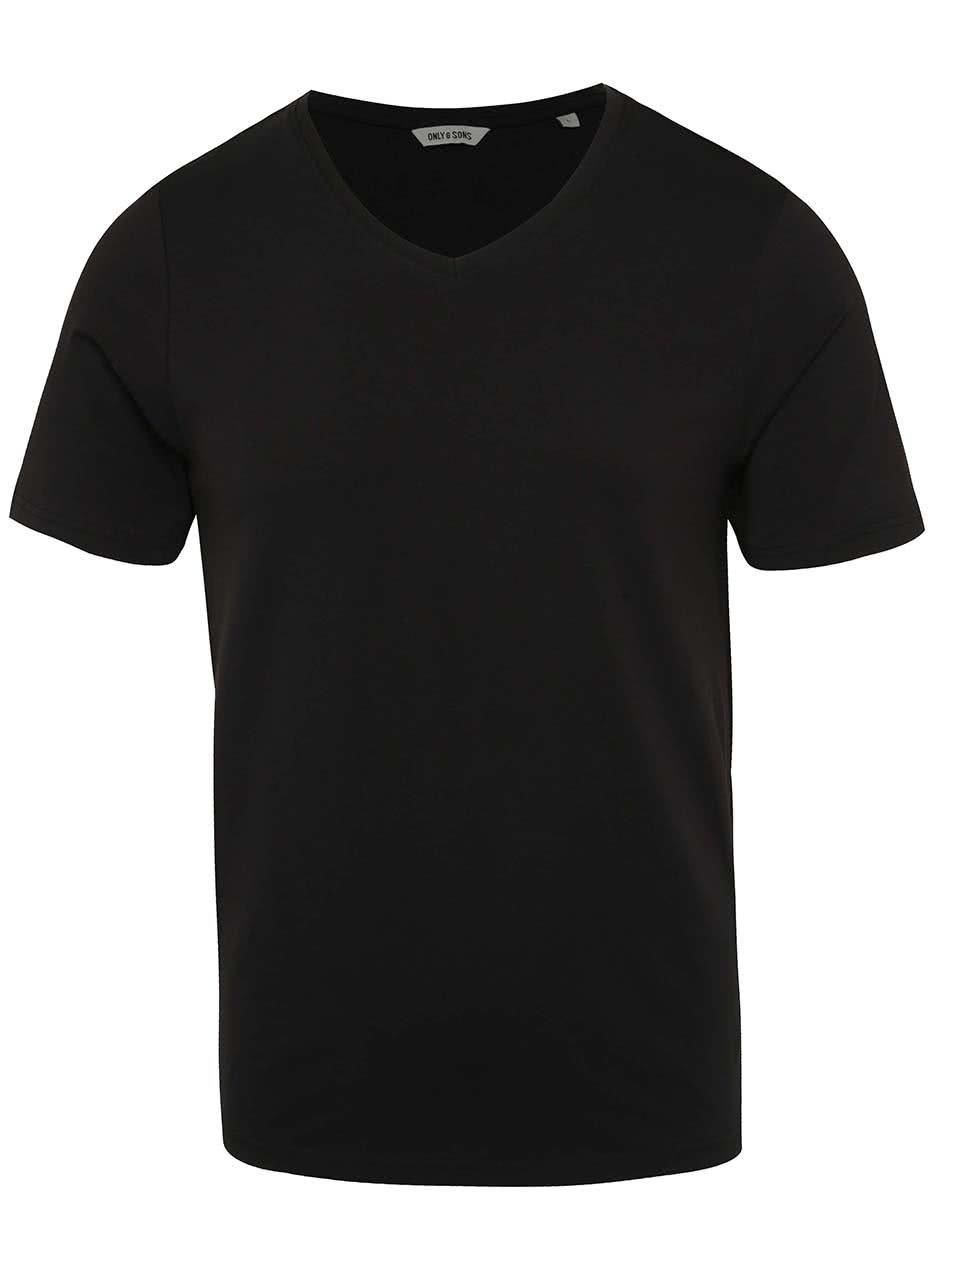 Černé basic triko s krátkým rukávem ONLY & SONS Basic